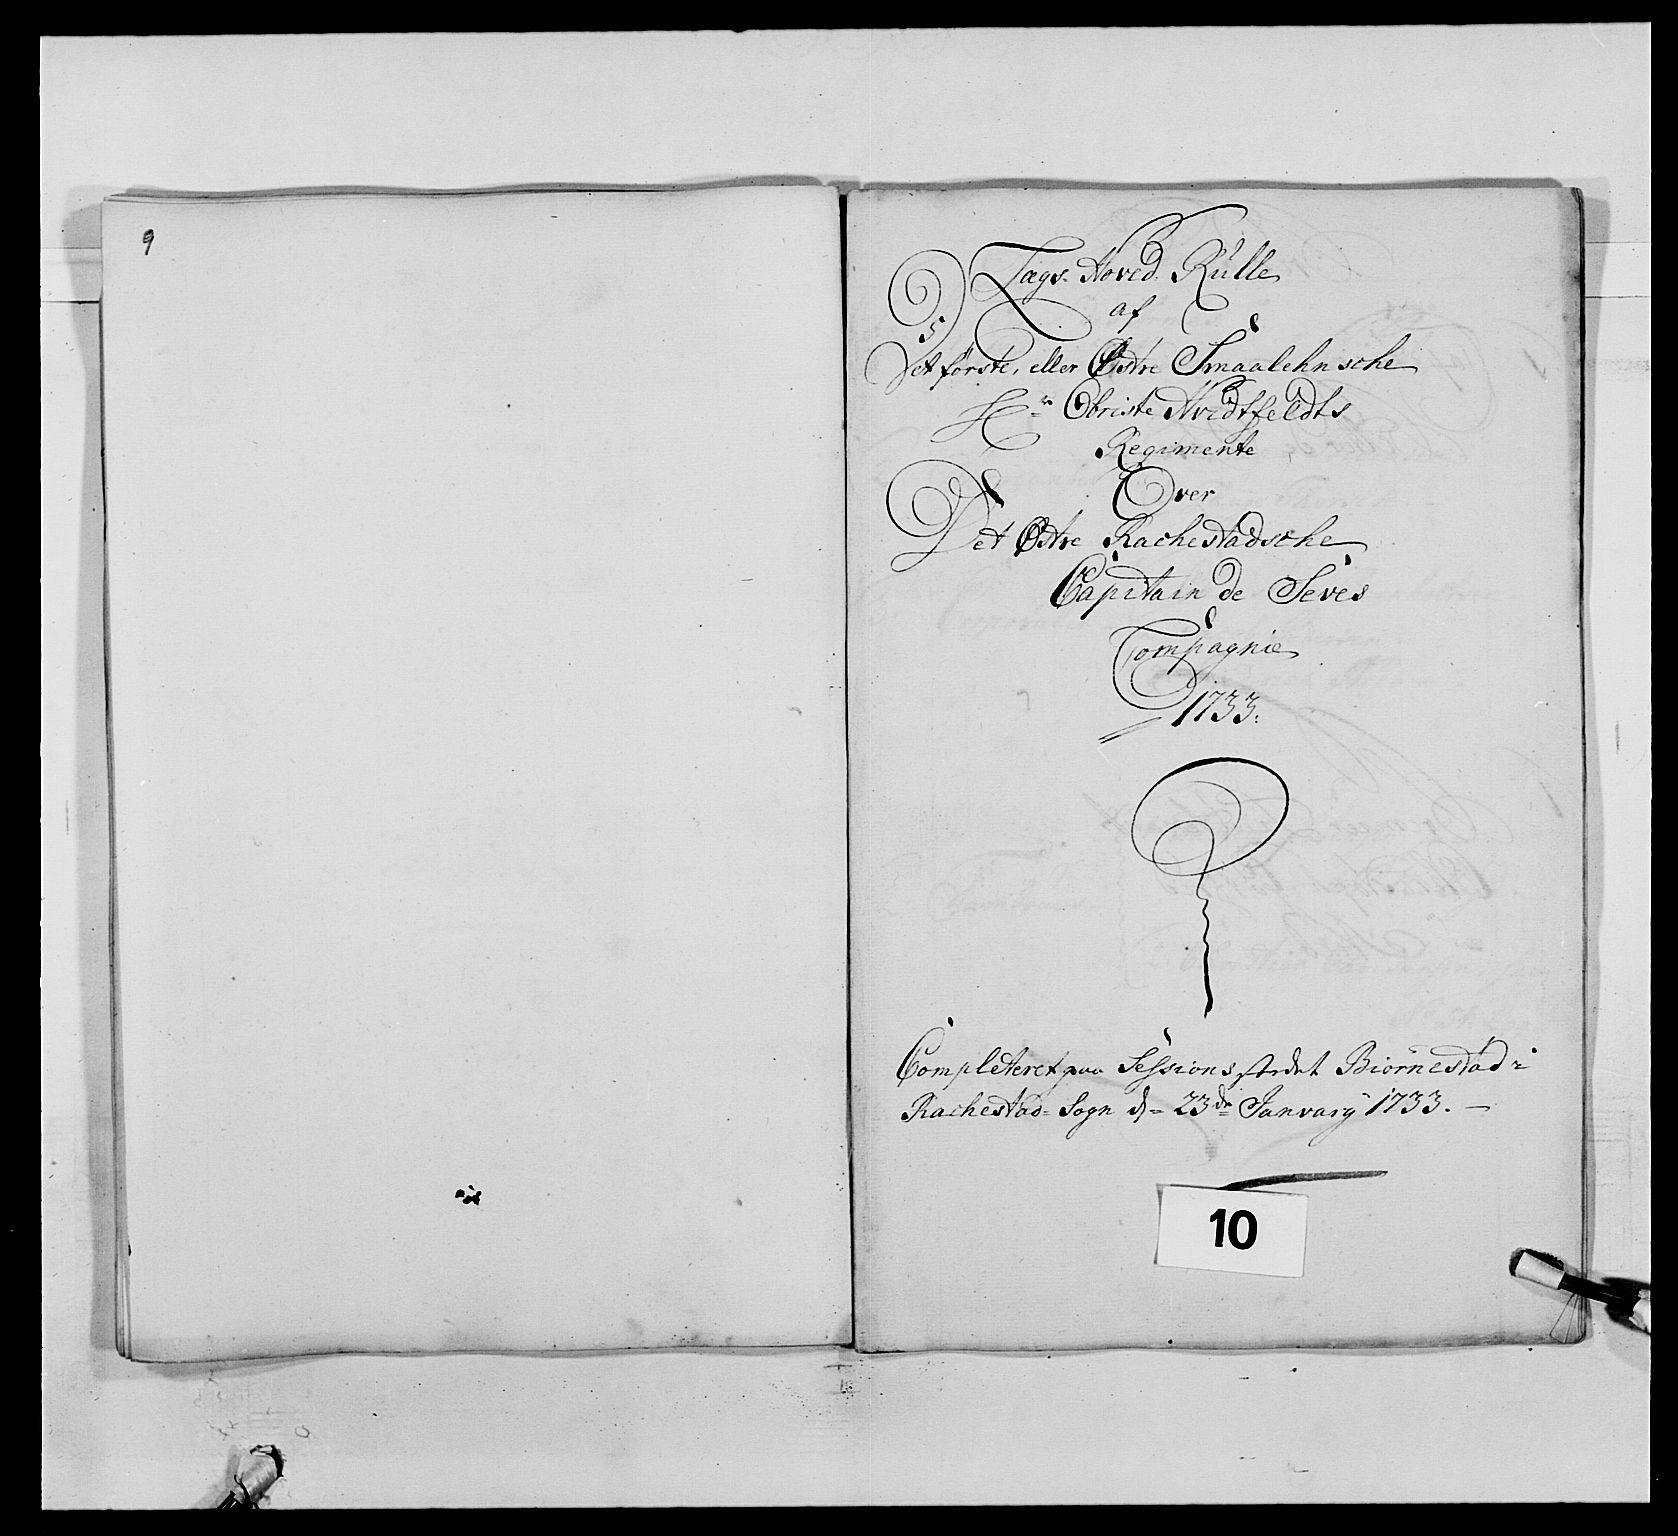 RA, Kommanderende general (KG I) med Det norske krigsdirektorium, E/Ea/L0495: 1. Smålenske regiment, 1732-1763, s. 106